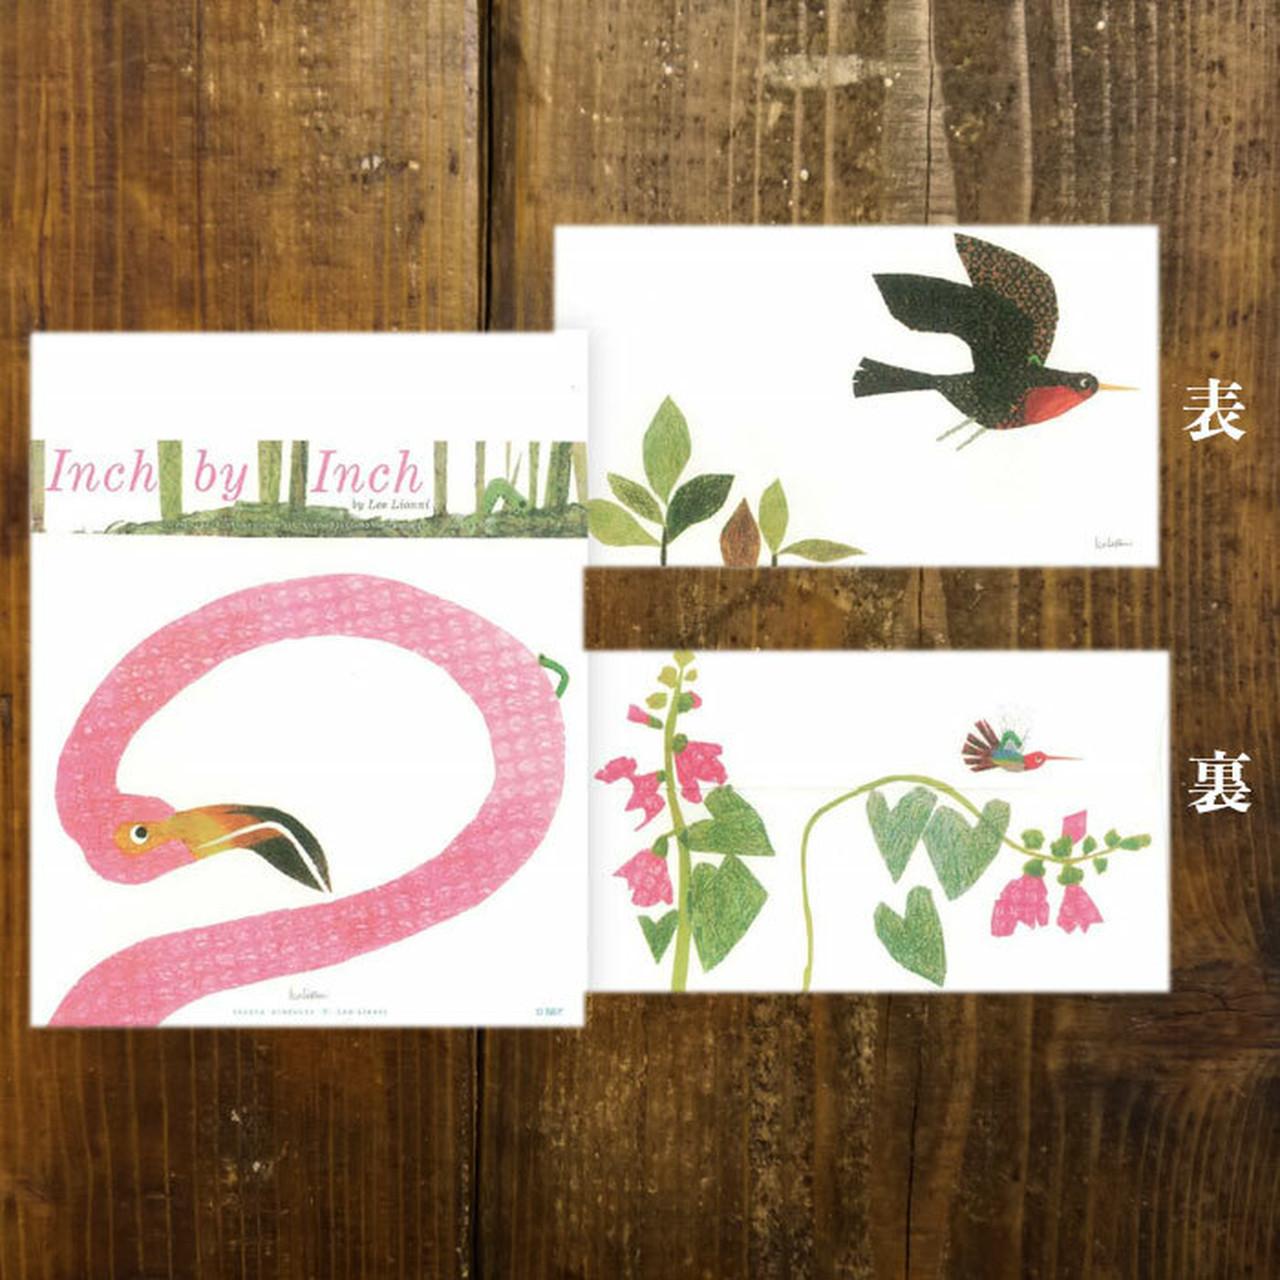 【表現社 cozyca products】レオ・レオニ  レターセット (Inch by Inch)